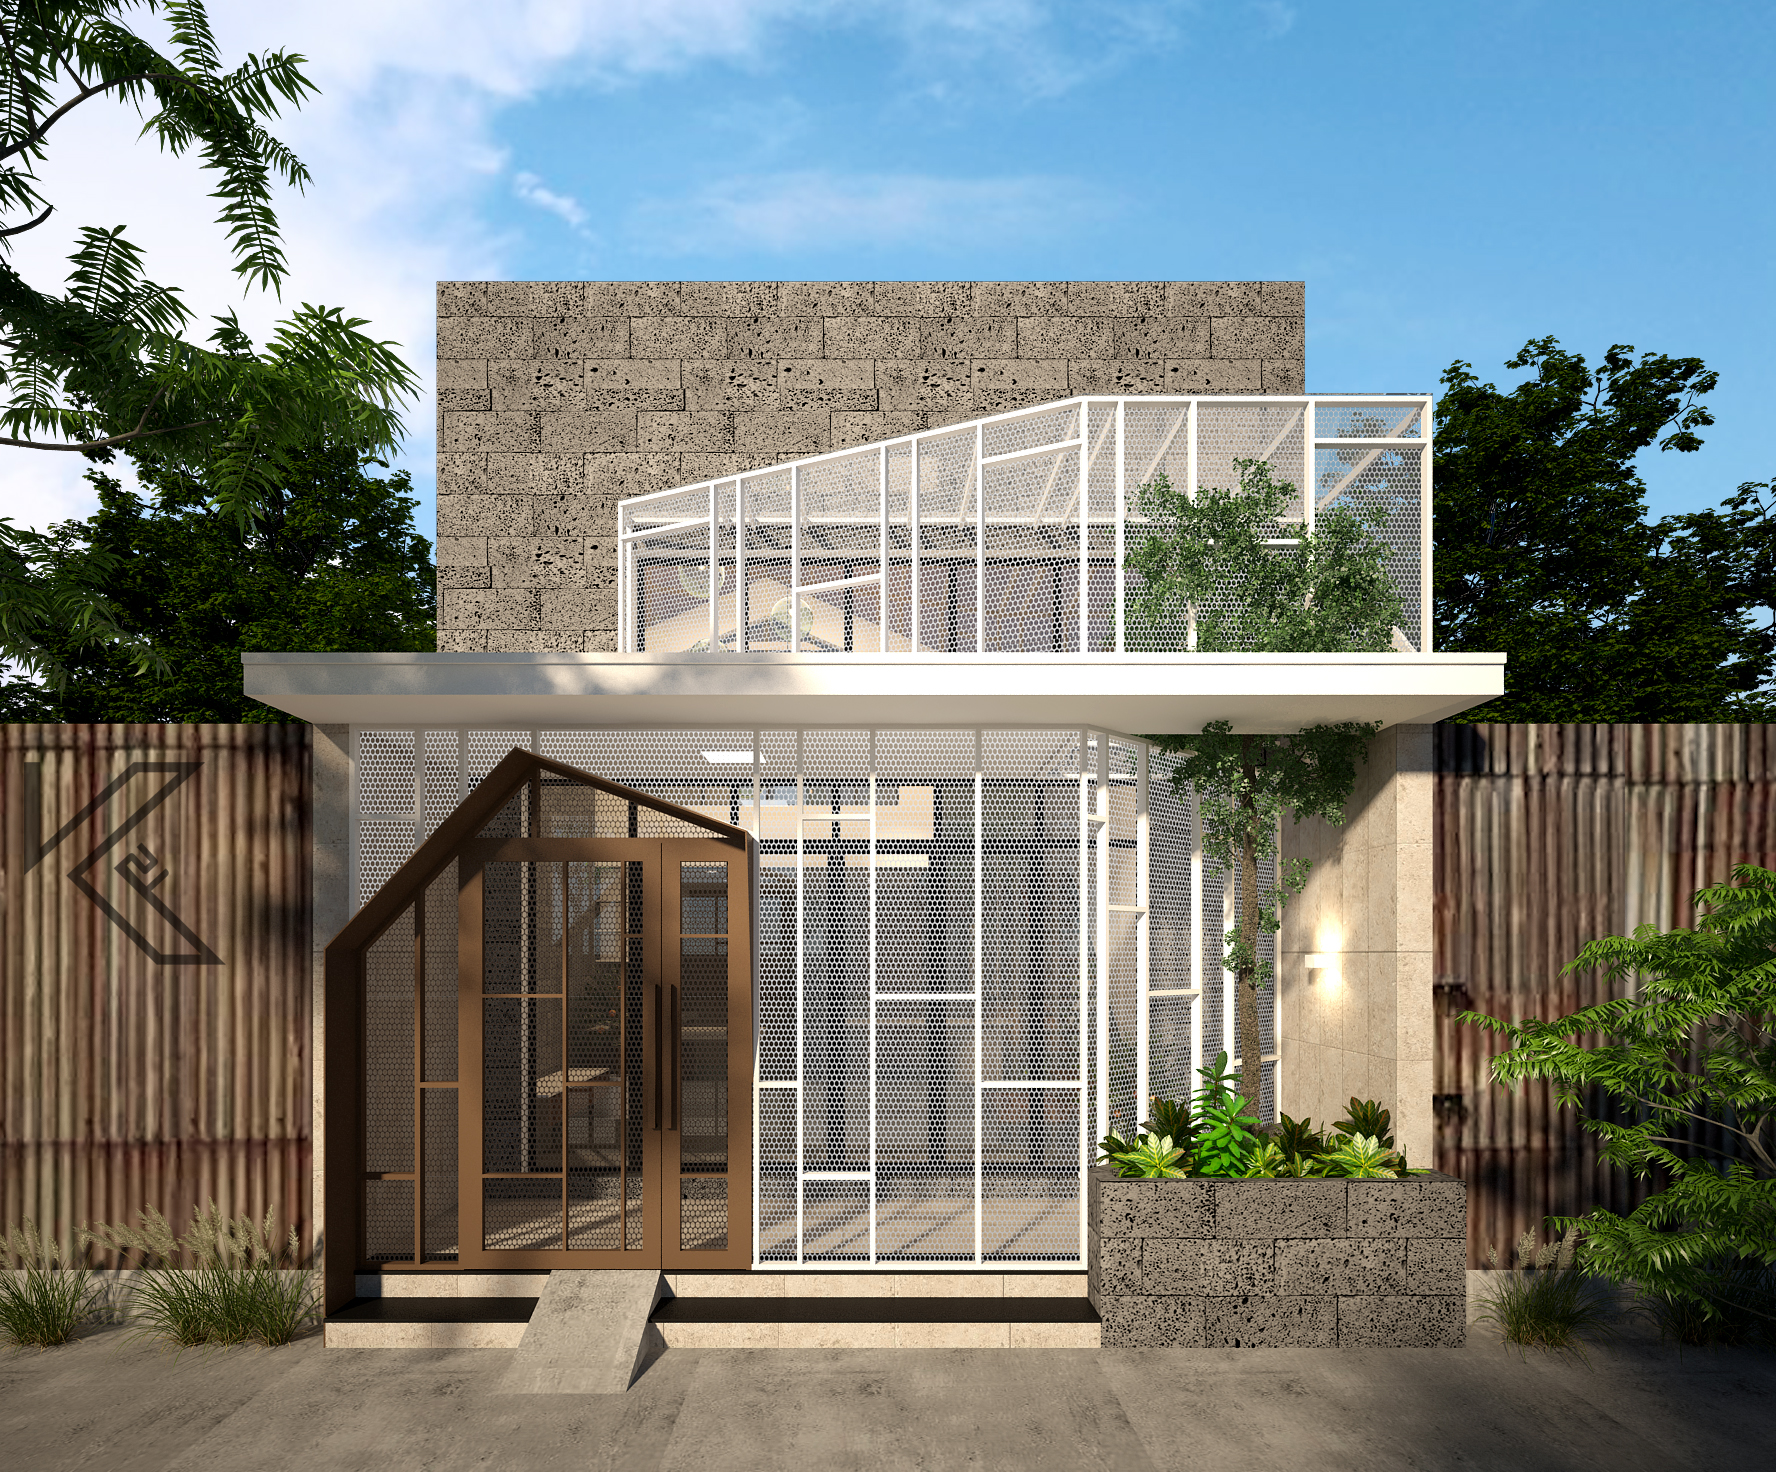 Thiết kế Nhà Mặt Phố tại Khánh Hòa NHÀ THẰNG BẠN 1576921419 0